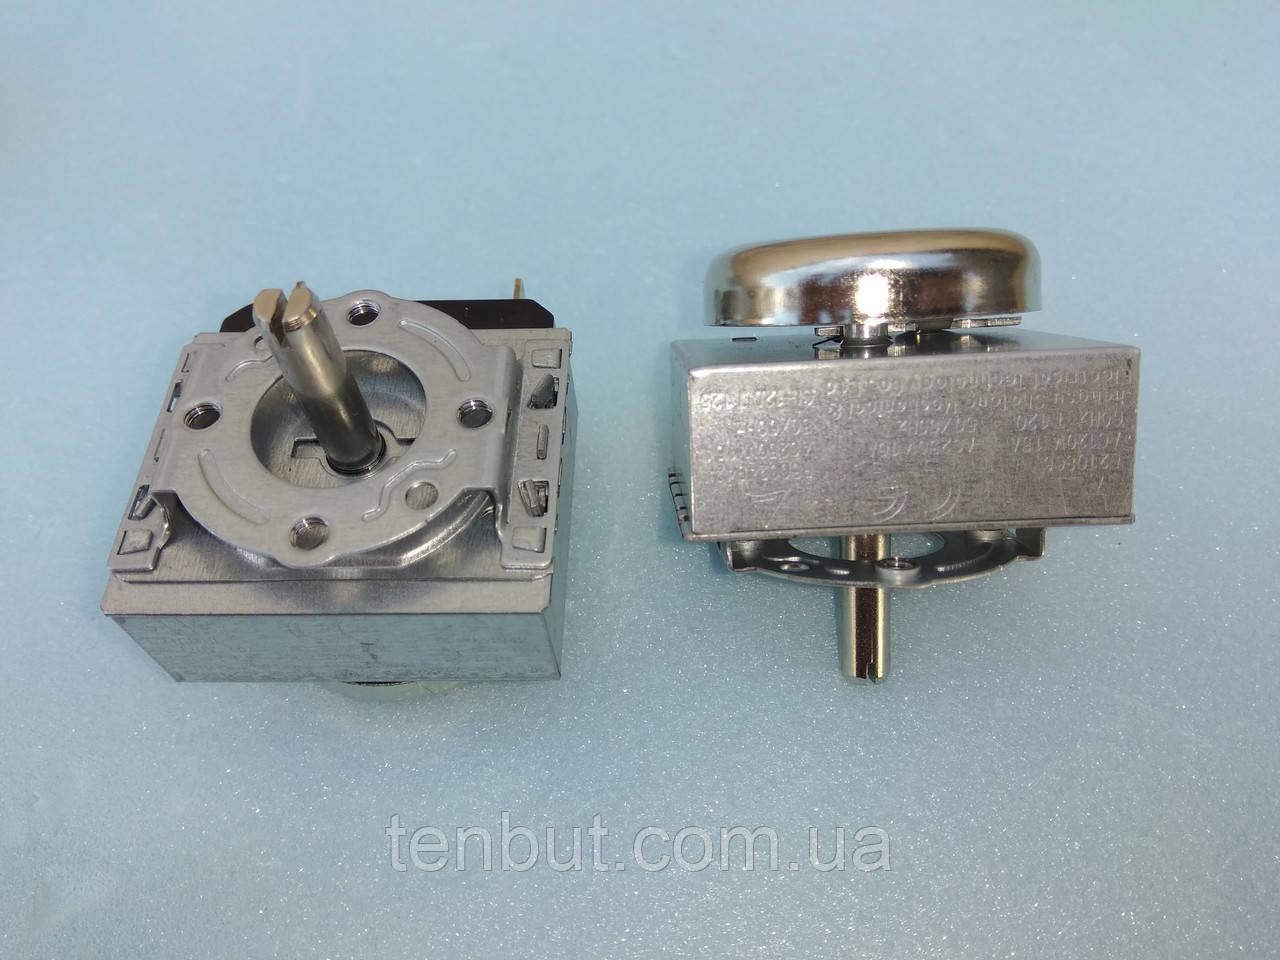 Таймер механический 90 минут 16А / 250 В. производство Турция